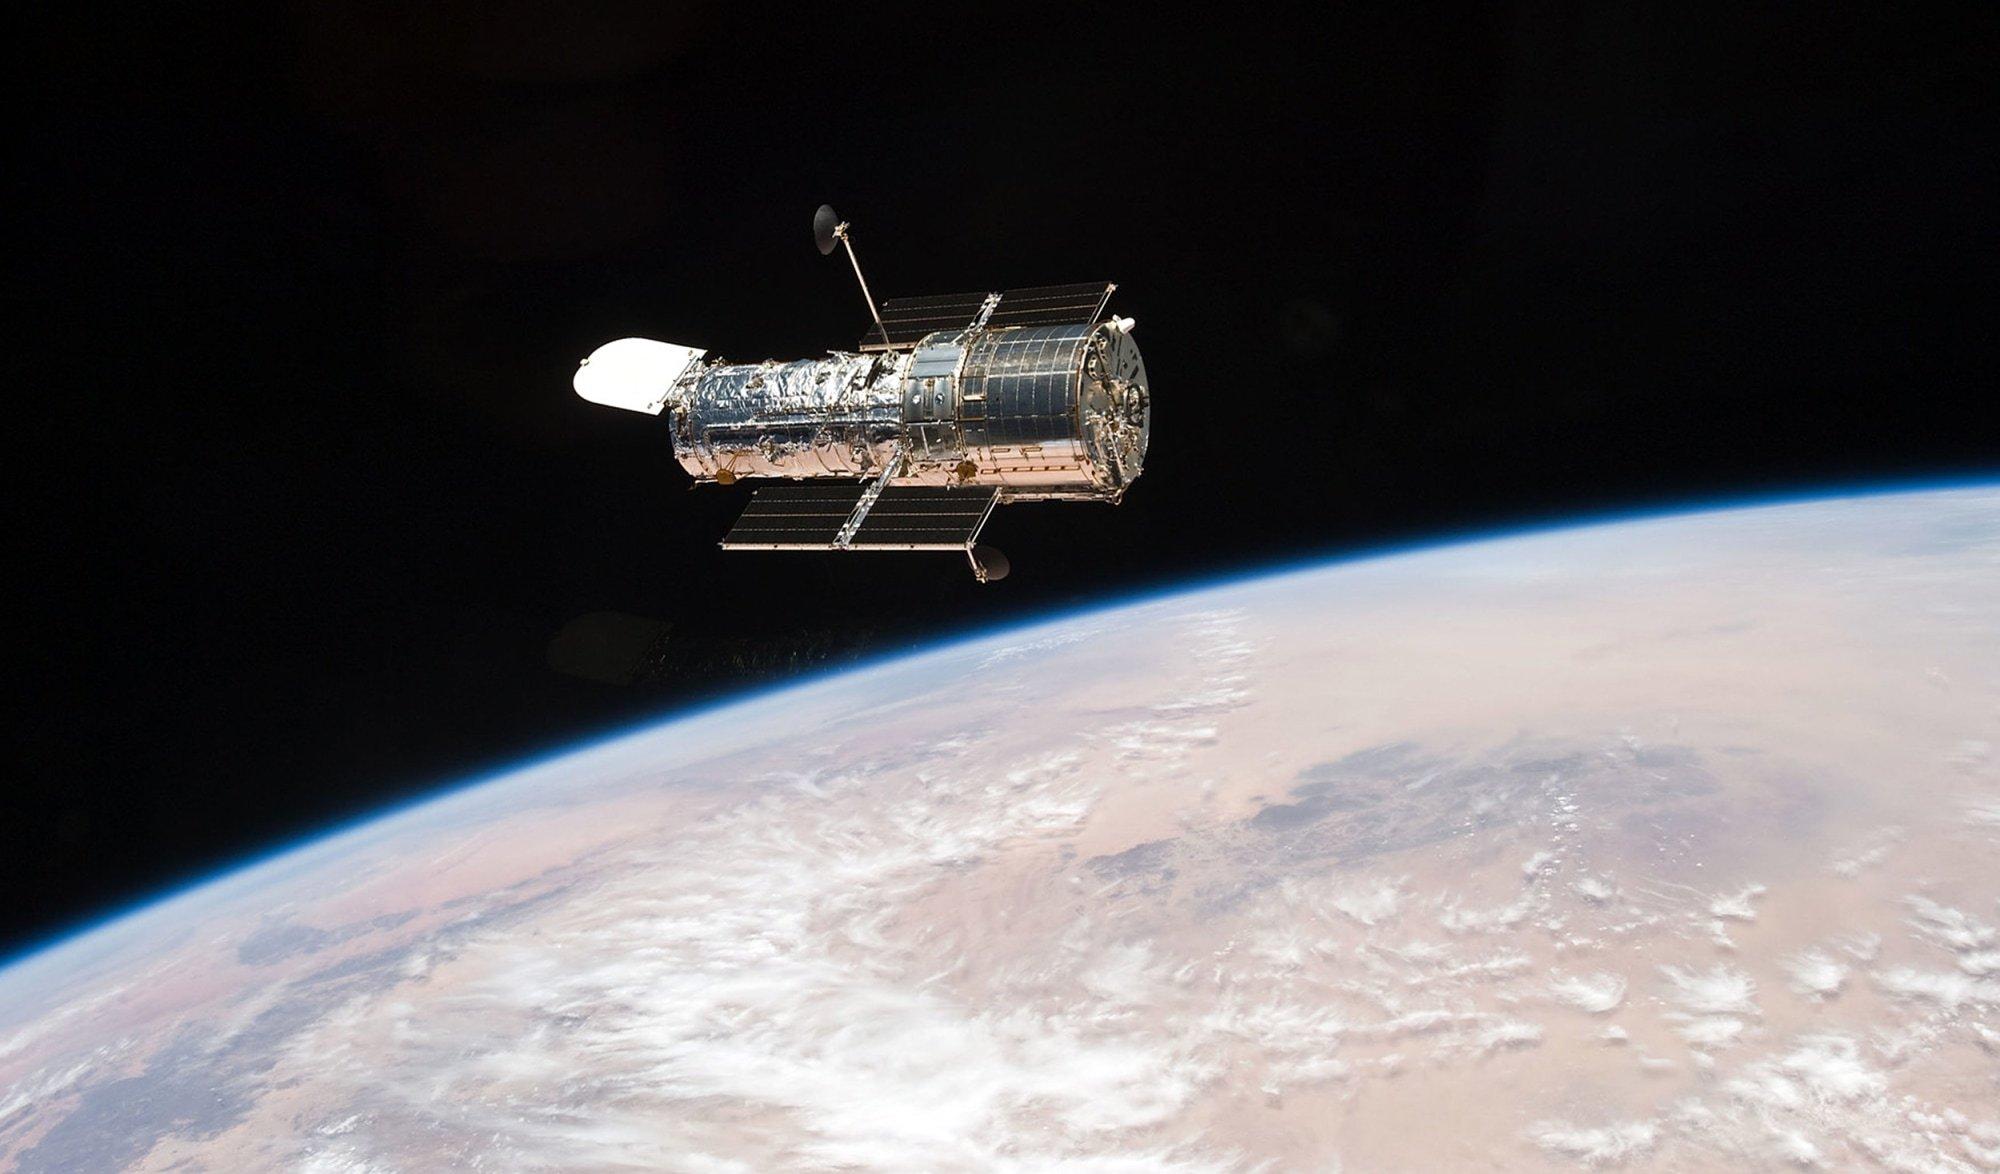 تلسکوپ فضایی هابل بعد از یک ماه خرابی دوباره شروع به کار میکند